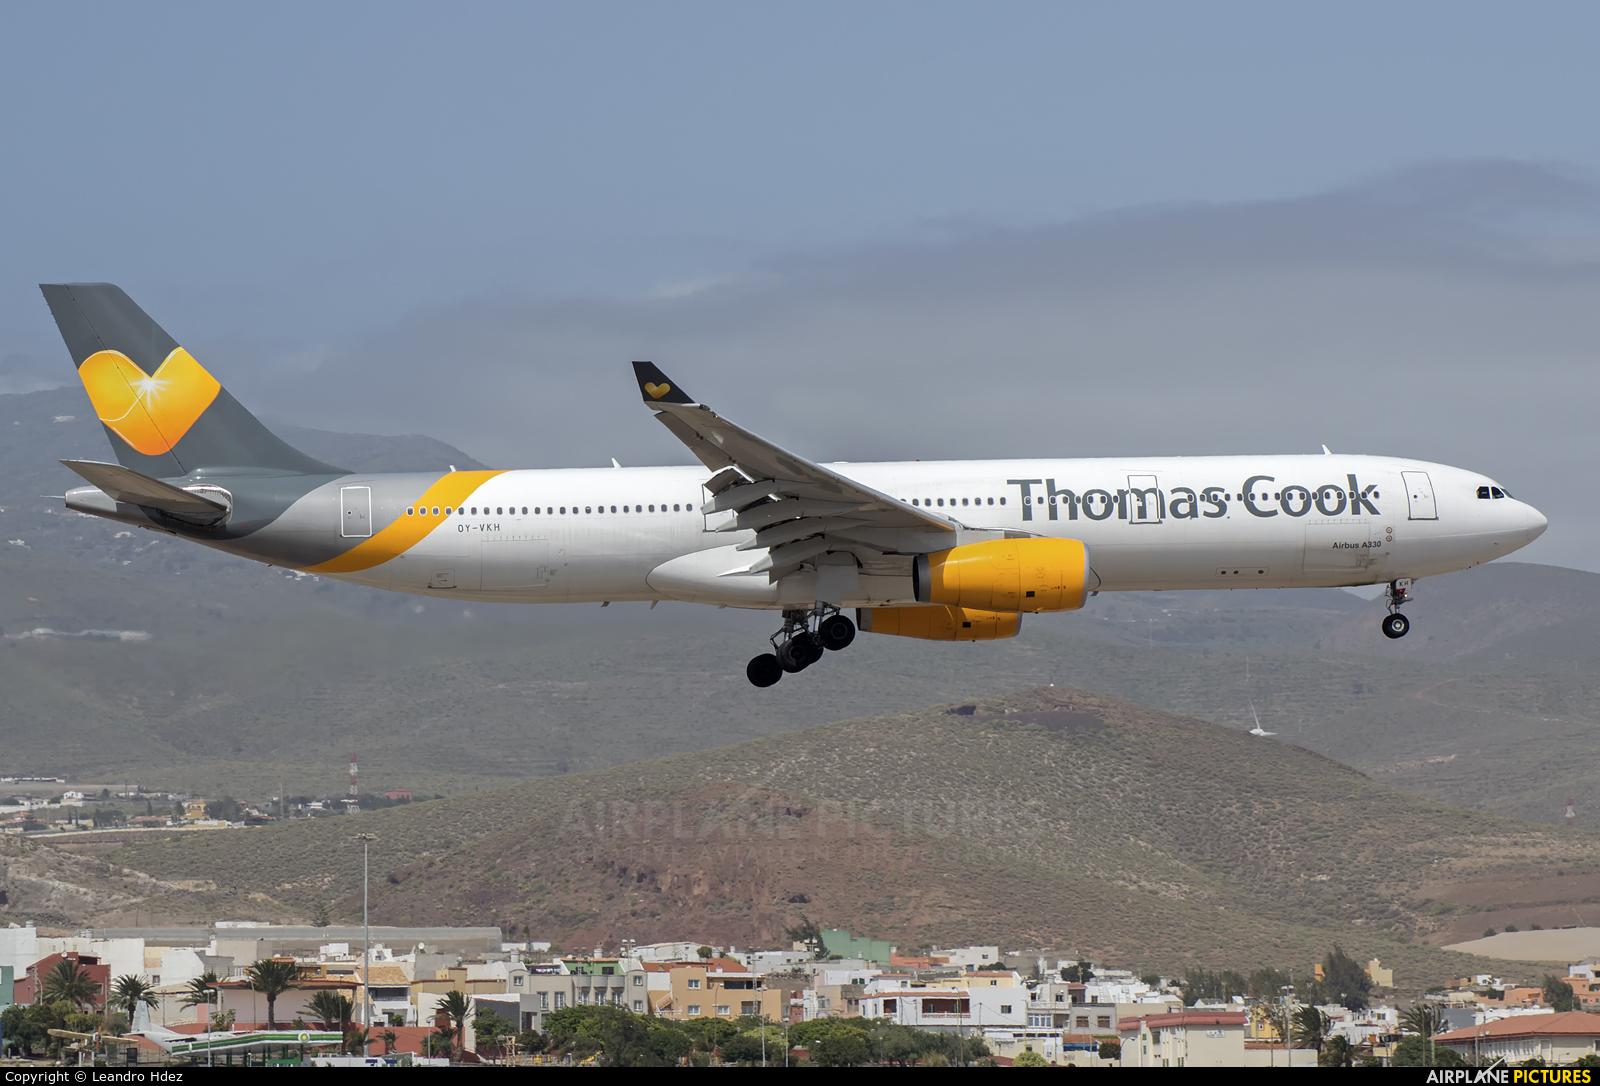 Thomas Cook Scandinavia OY-VKH aircraft at Aeropuerto de Gran Canaria